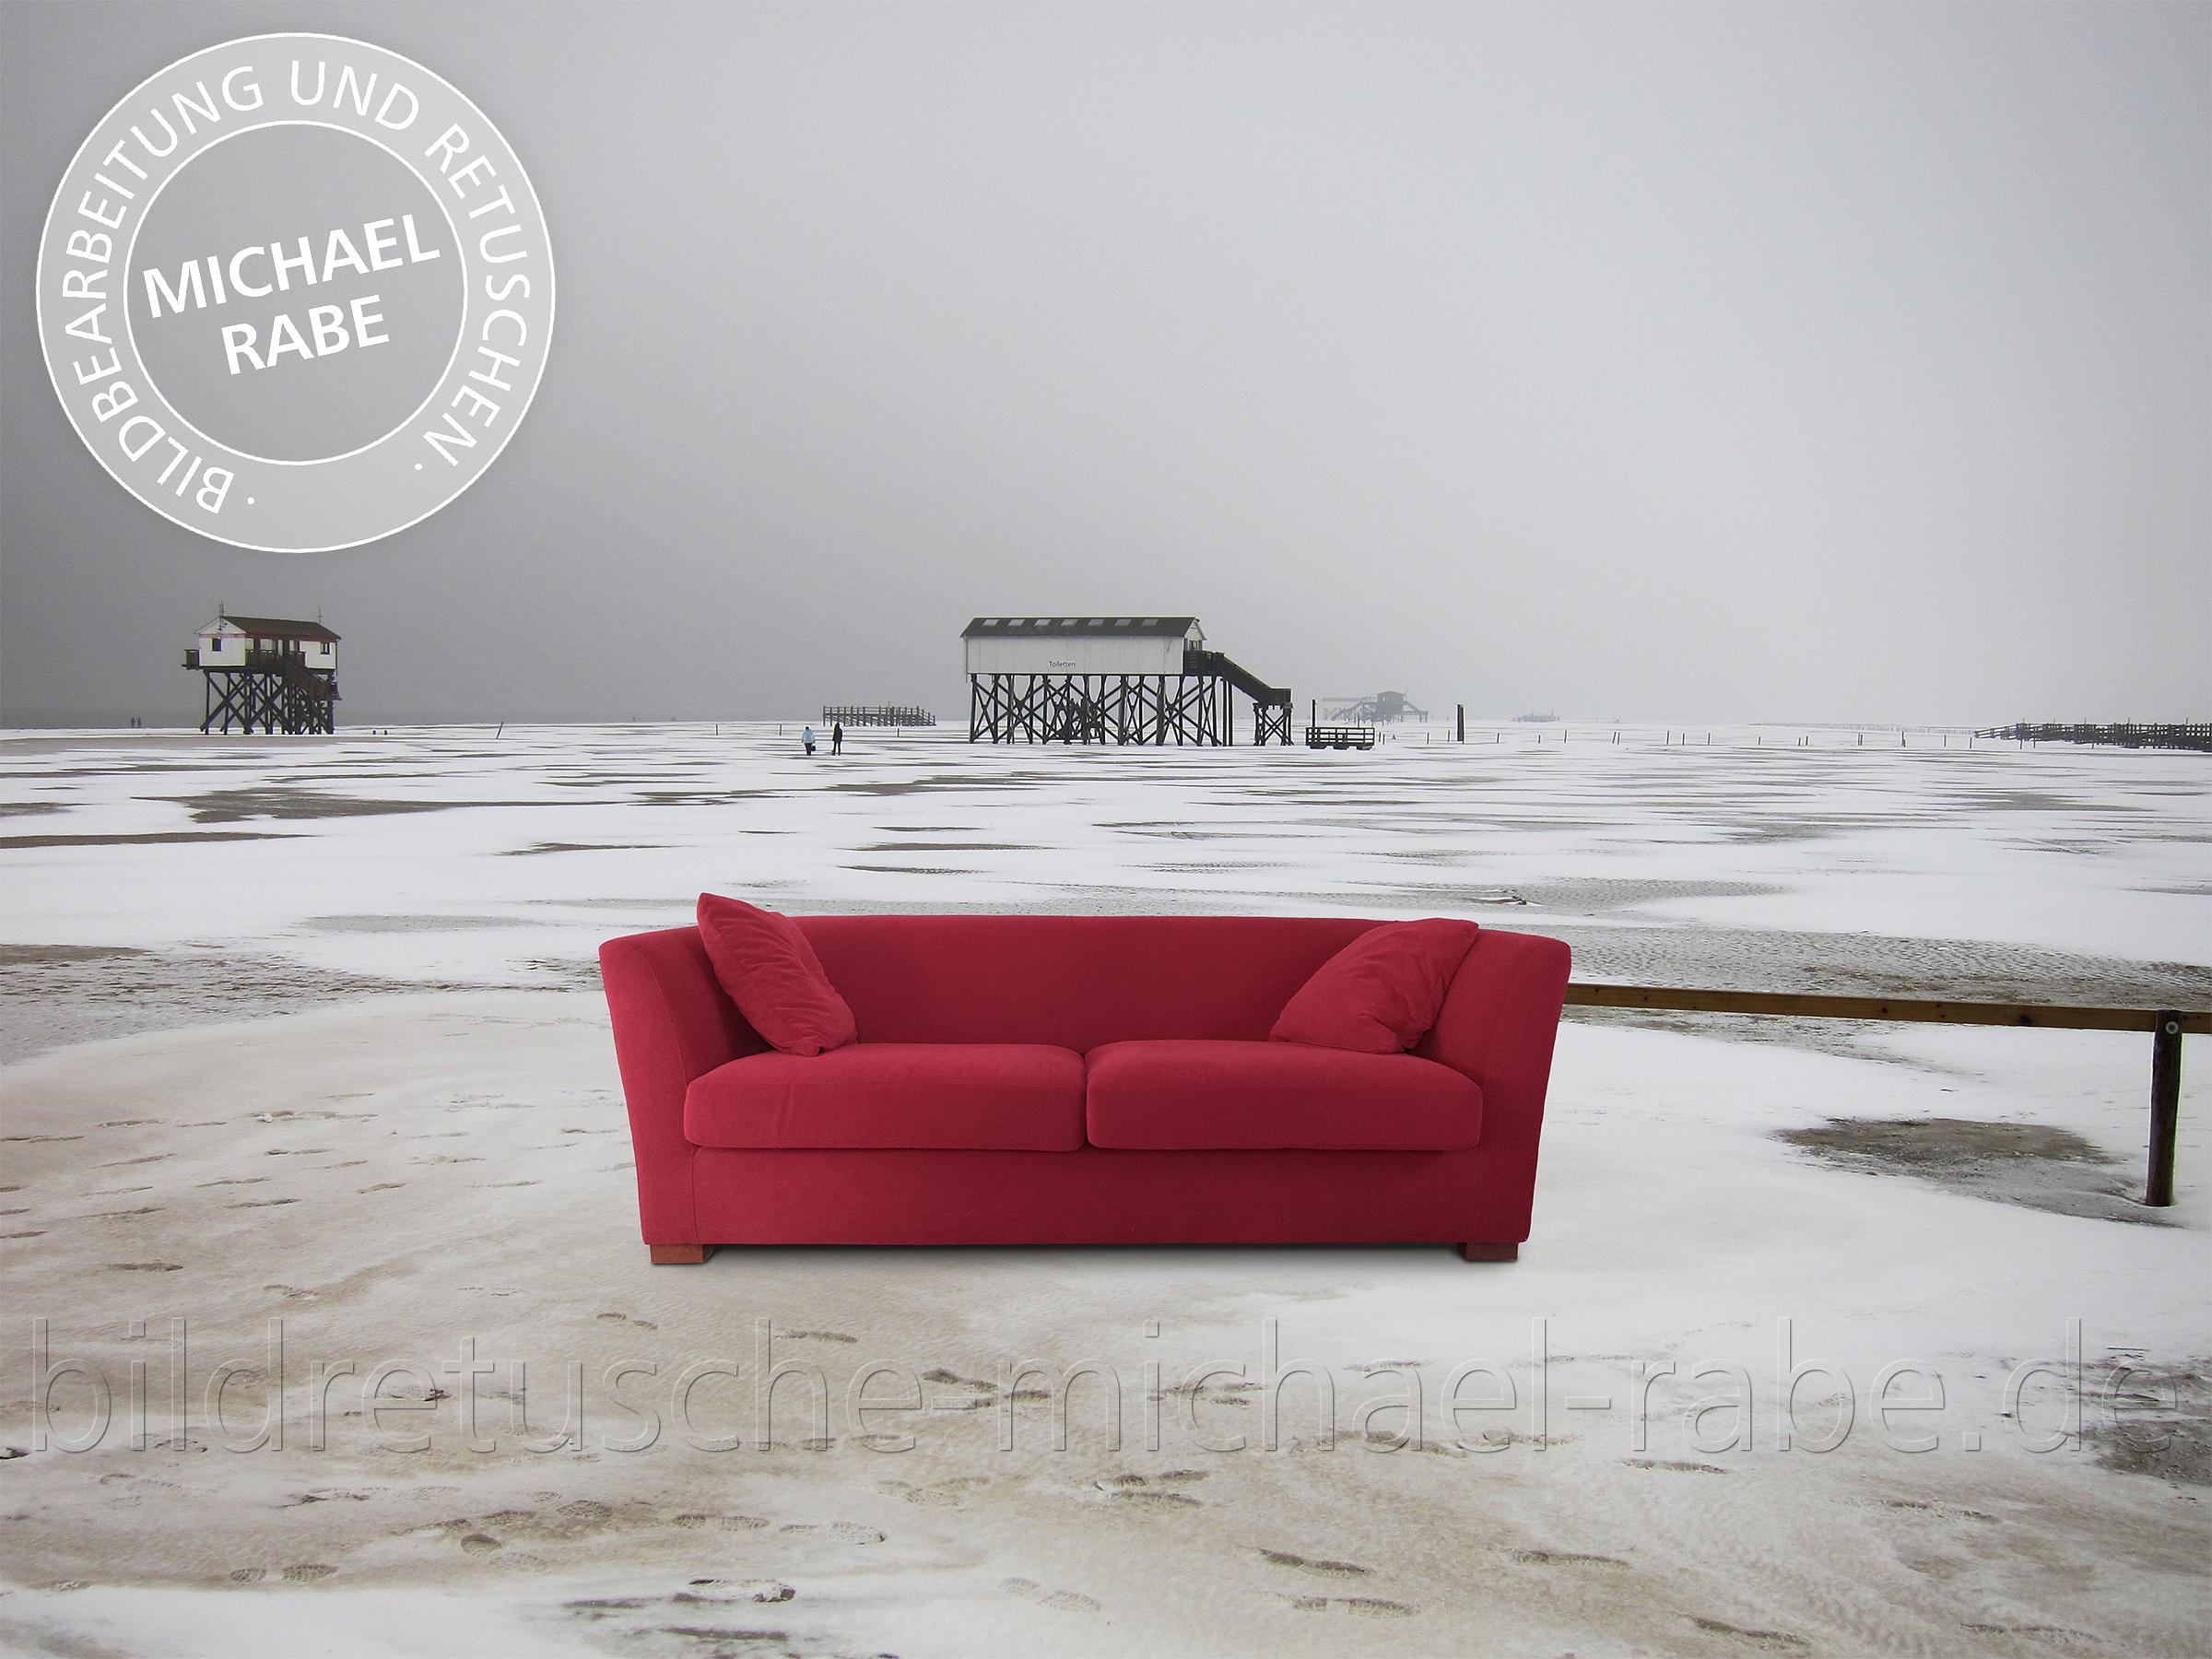 Full Size of Rotes Sofa Fotomontage Und Composing Am Eisigen Strand Schlafsofa Liegefläche 180x200 Kaufen Günstig Schlaffunktion Wk Ausziehbar Tom Tailor Flexform Großes Sofa Rotes Sofa